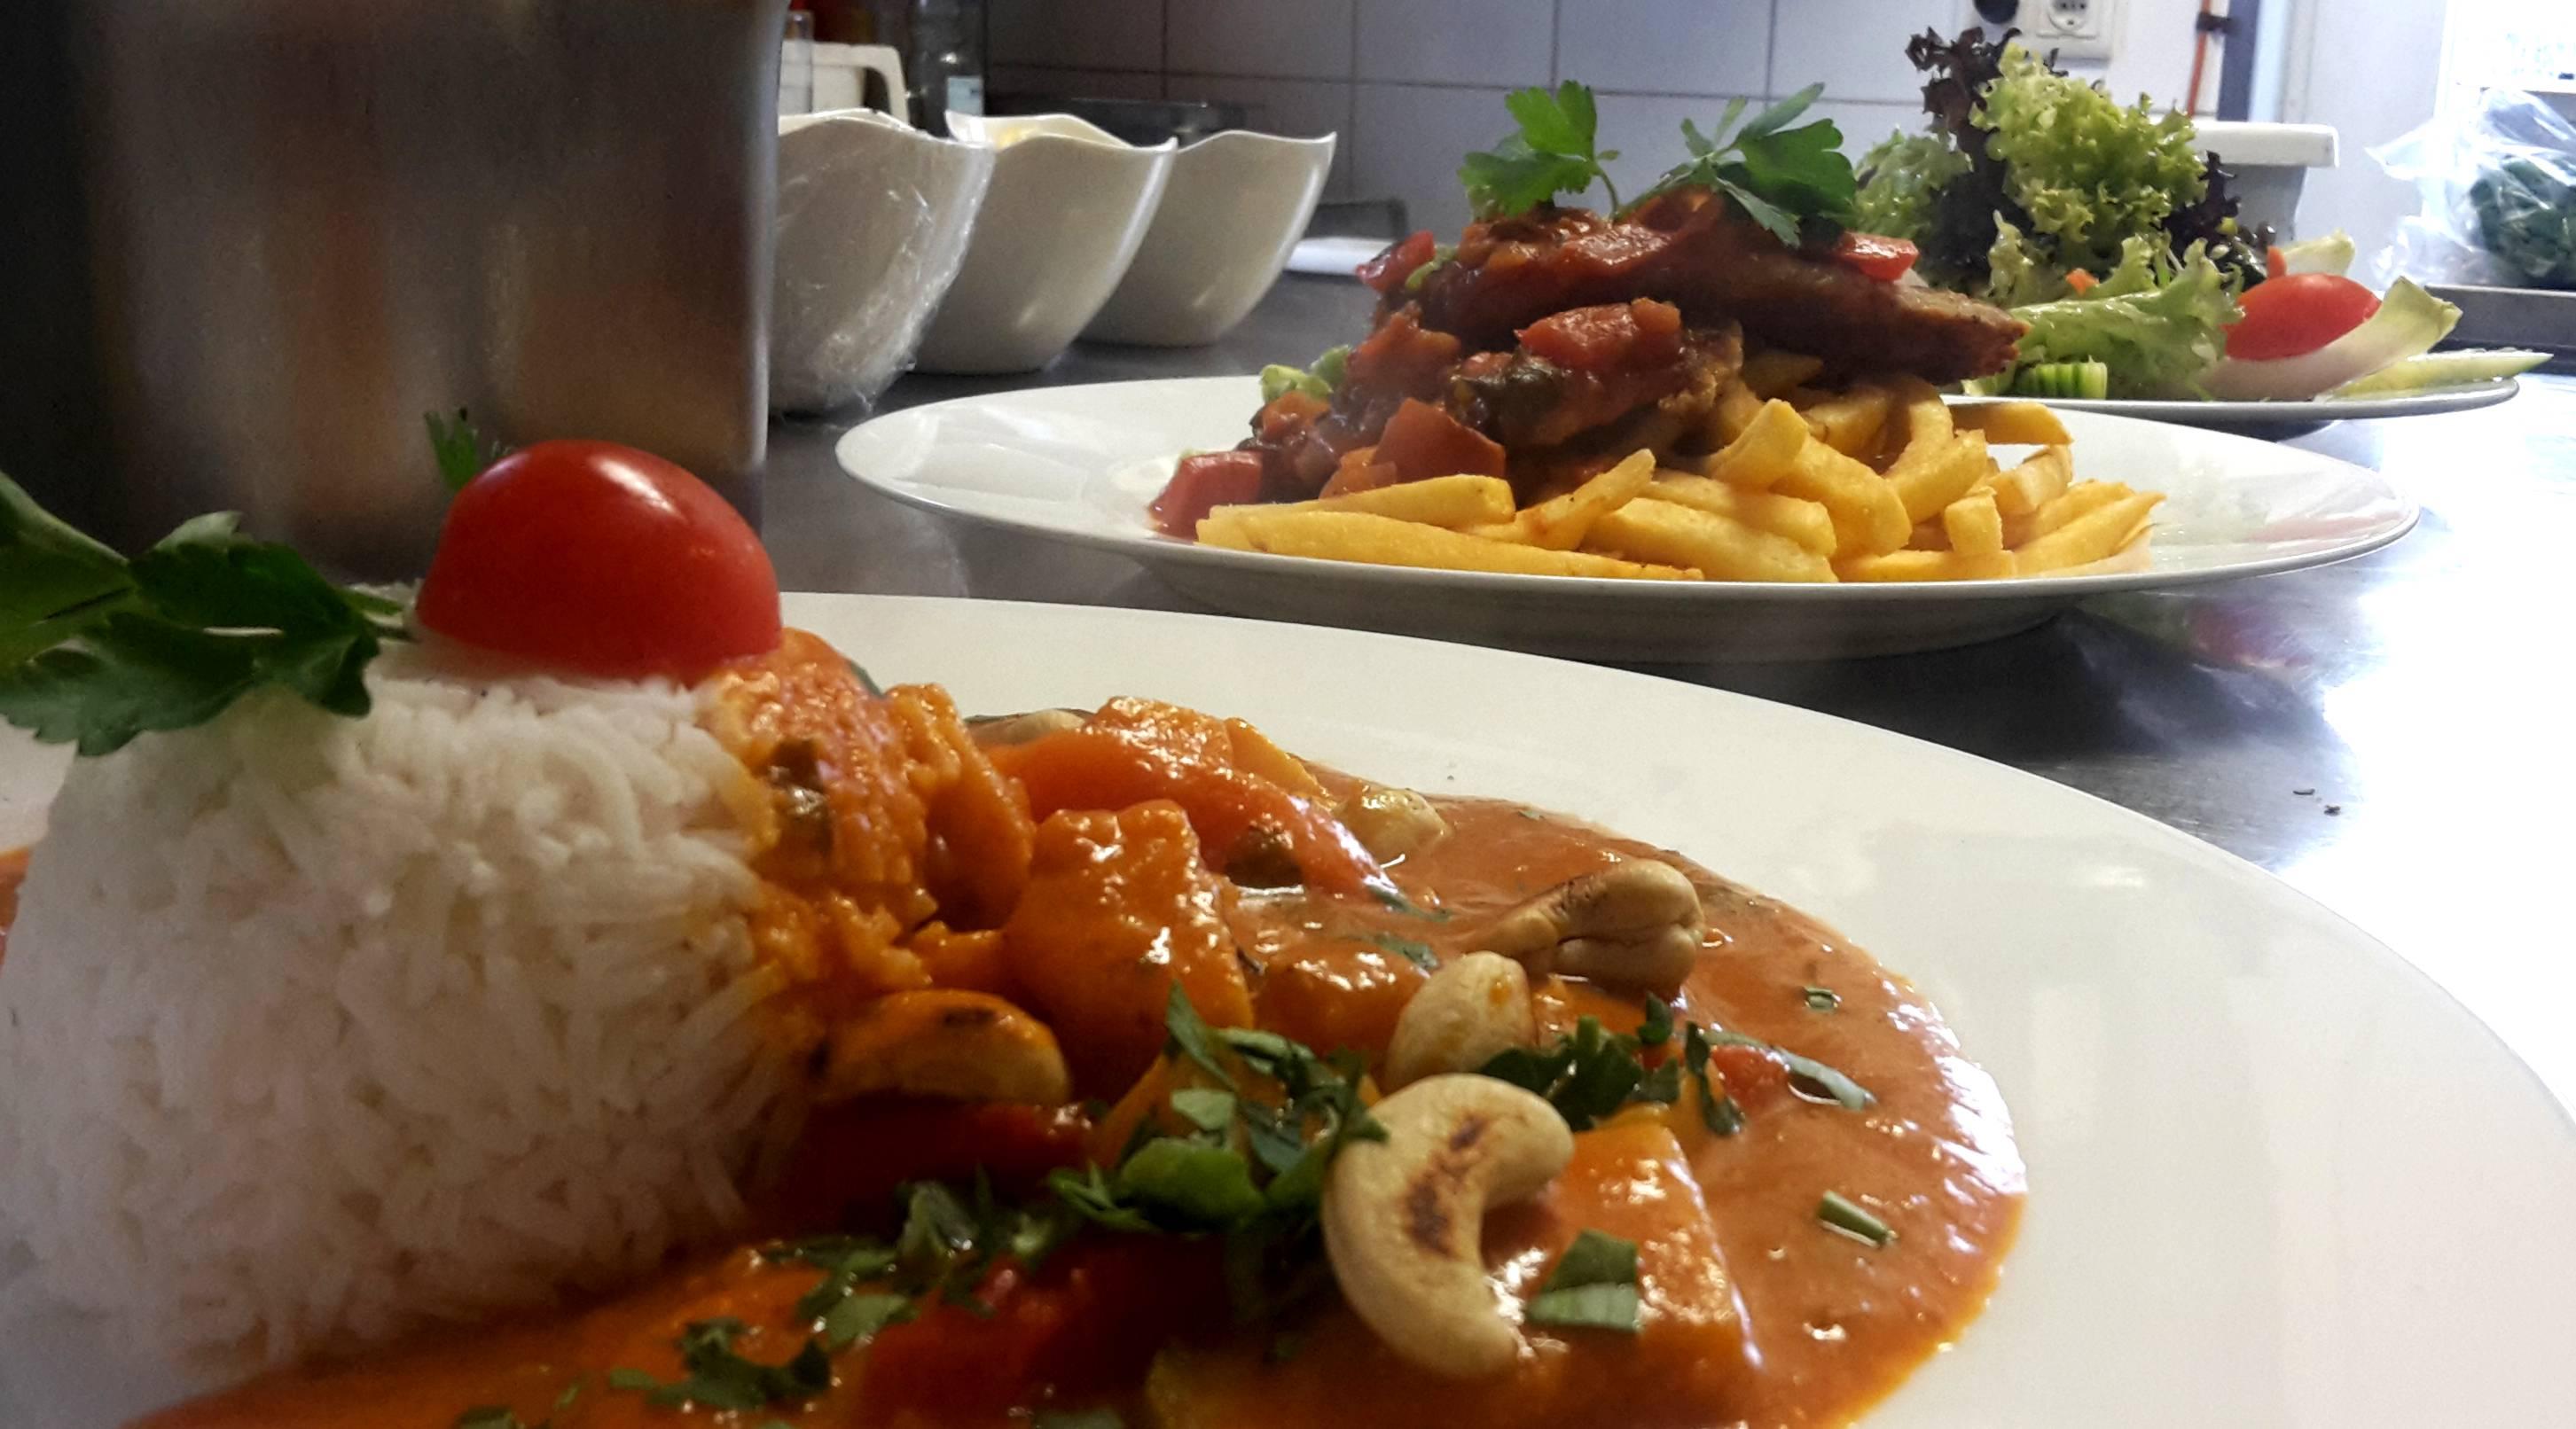 Unser Mittagstisch verwöhnt Sie mit einer ausgewogenen Wochenkarte und dem jeweiligen Gericht des Tages.